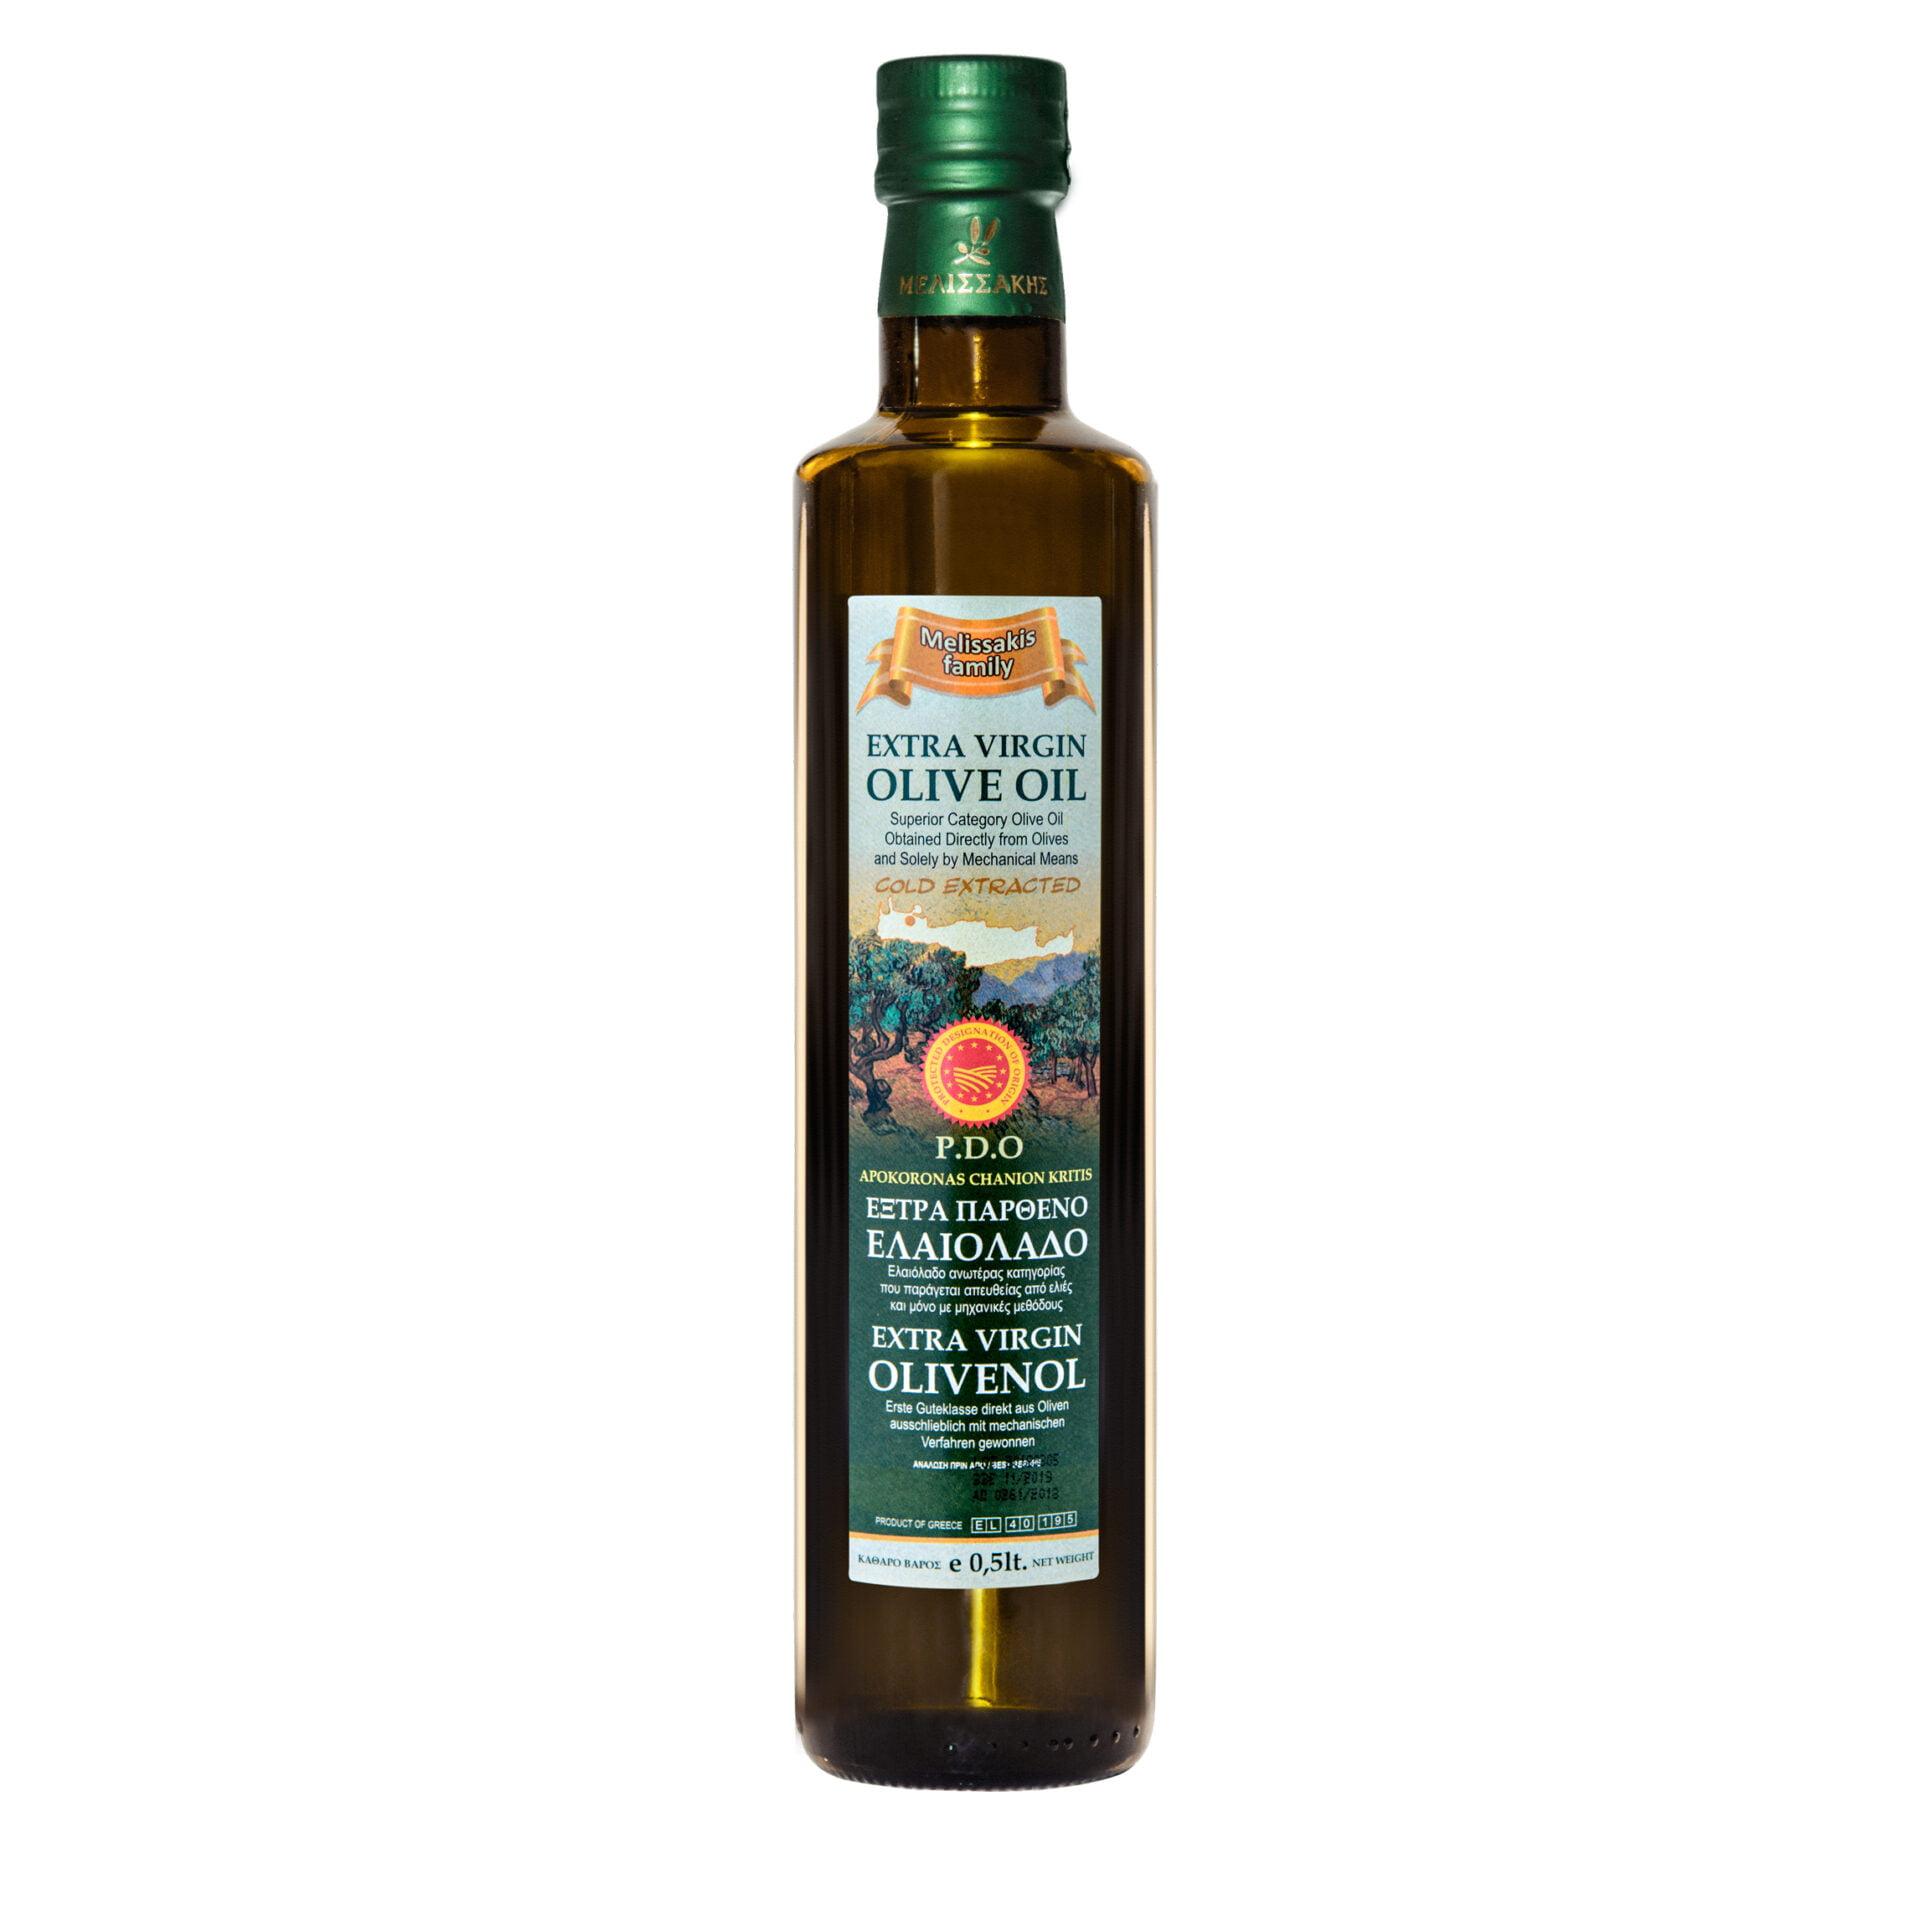 Melissakis oliwa z oliwek extra vergin 0,5L